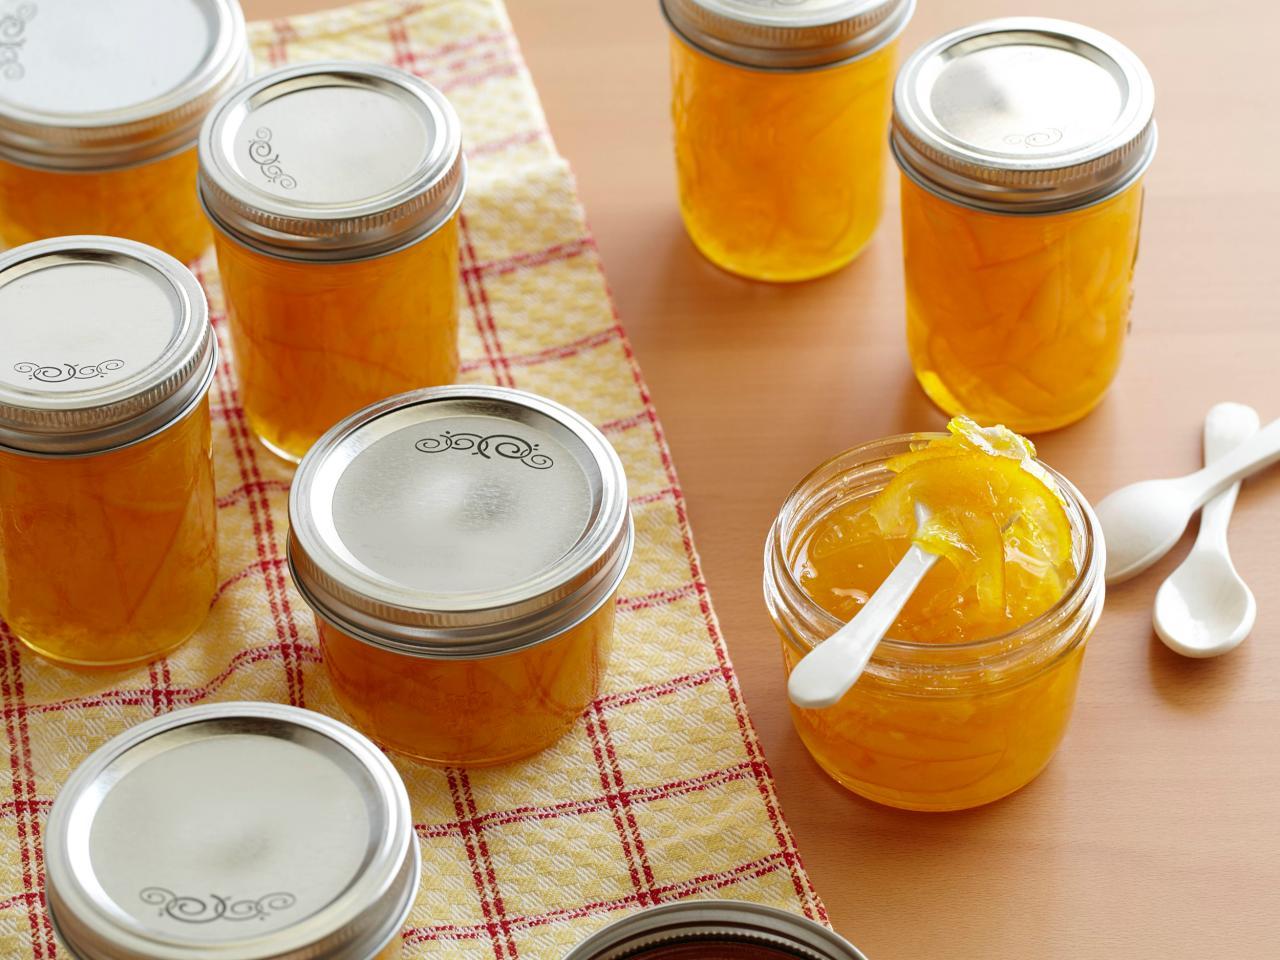 صورة طريقة عمل مربى البرتقال الصغير , الذ وصفة لعمل مربي برتقال